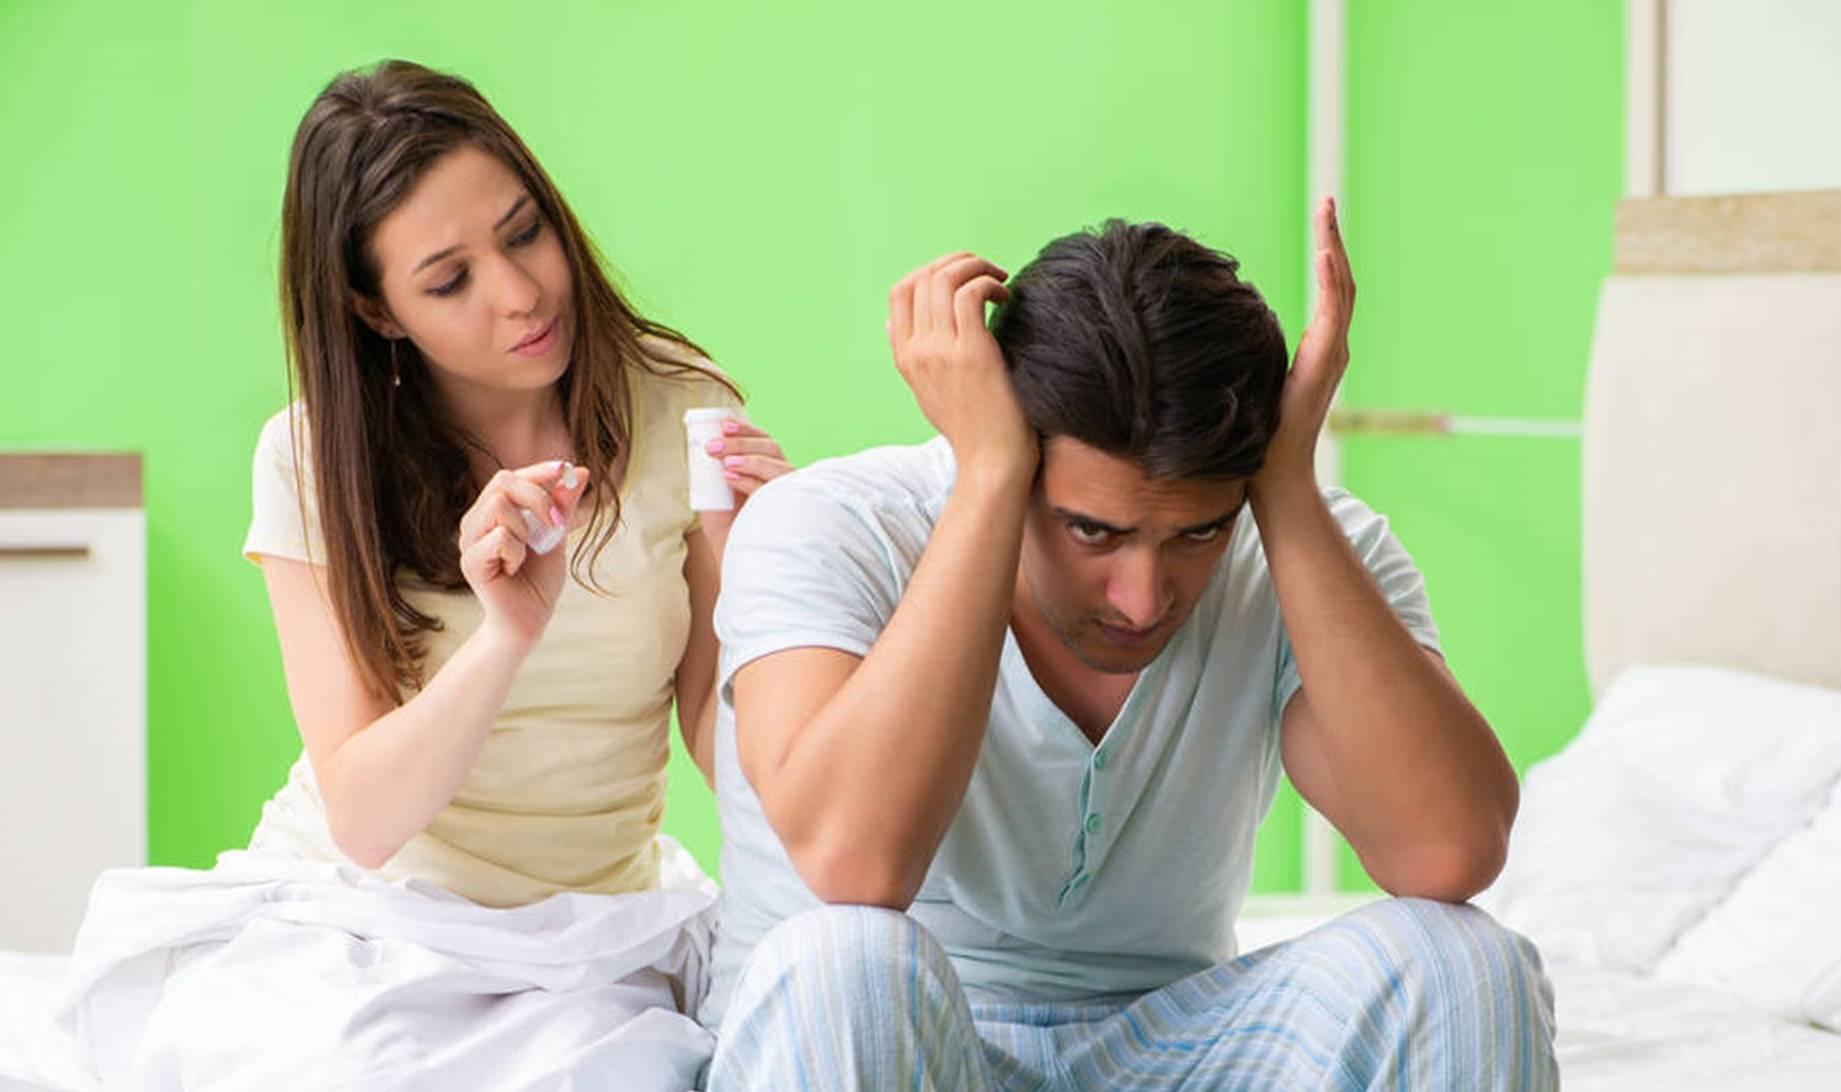 夫妻生活过后,女人为什么喜欢去小便?这2件事得多多注意